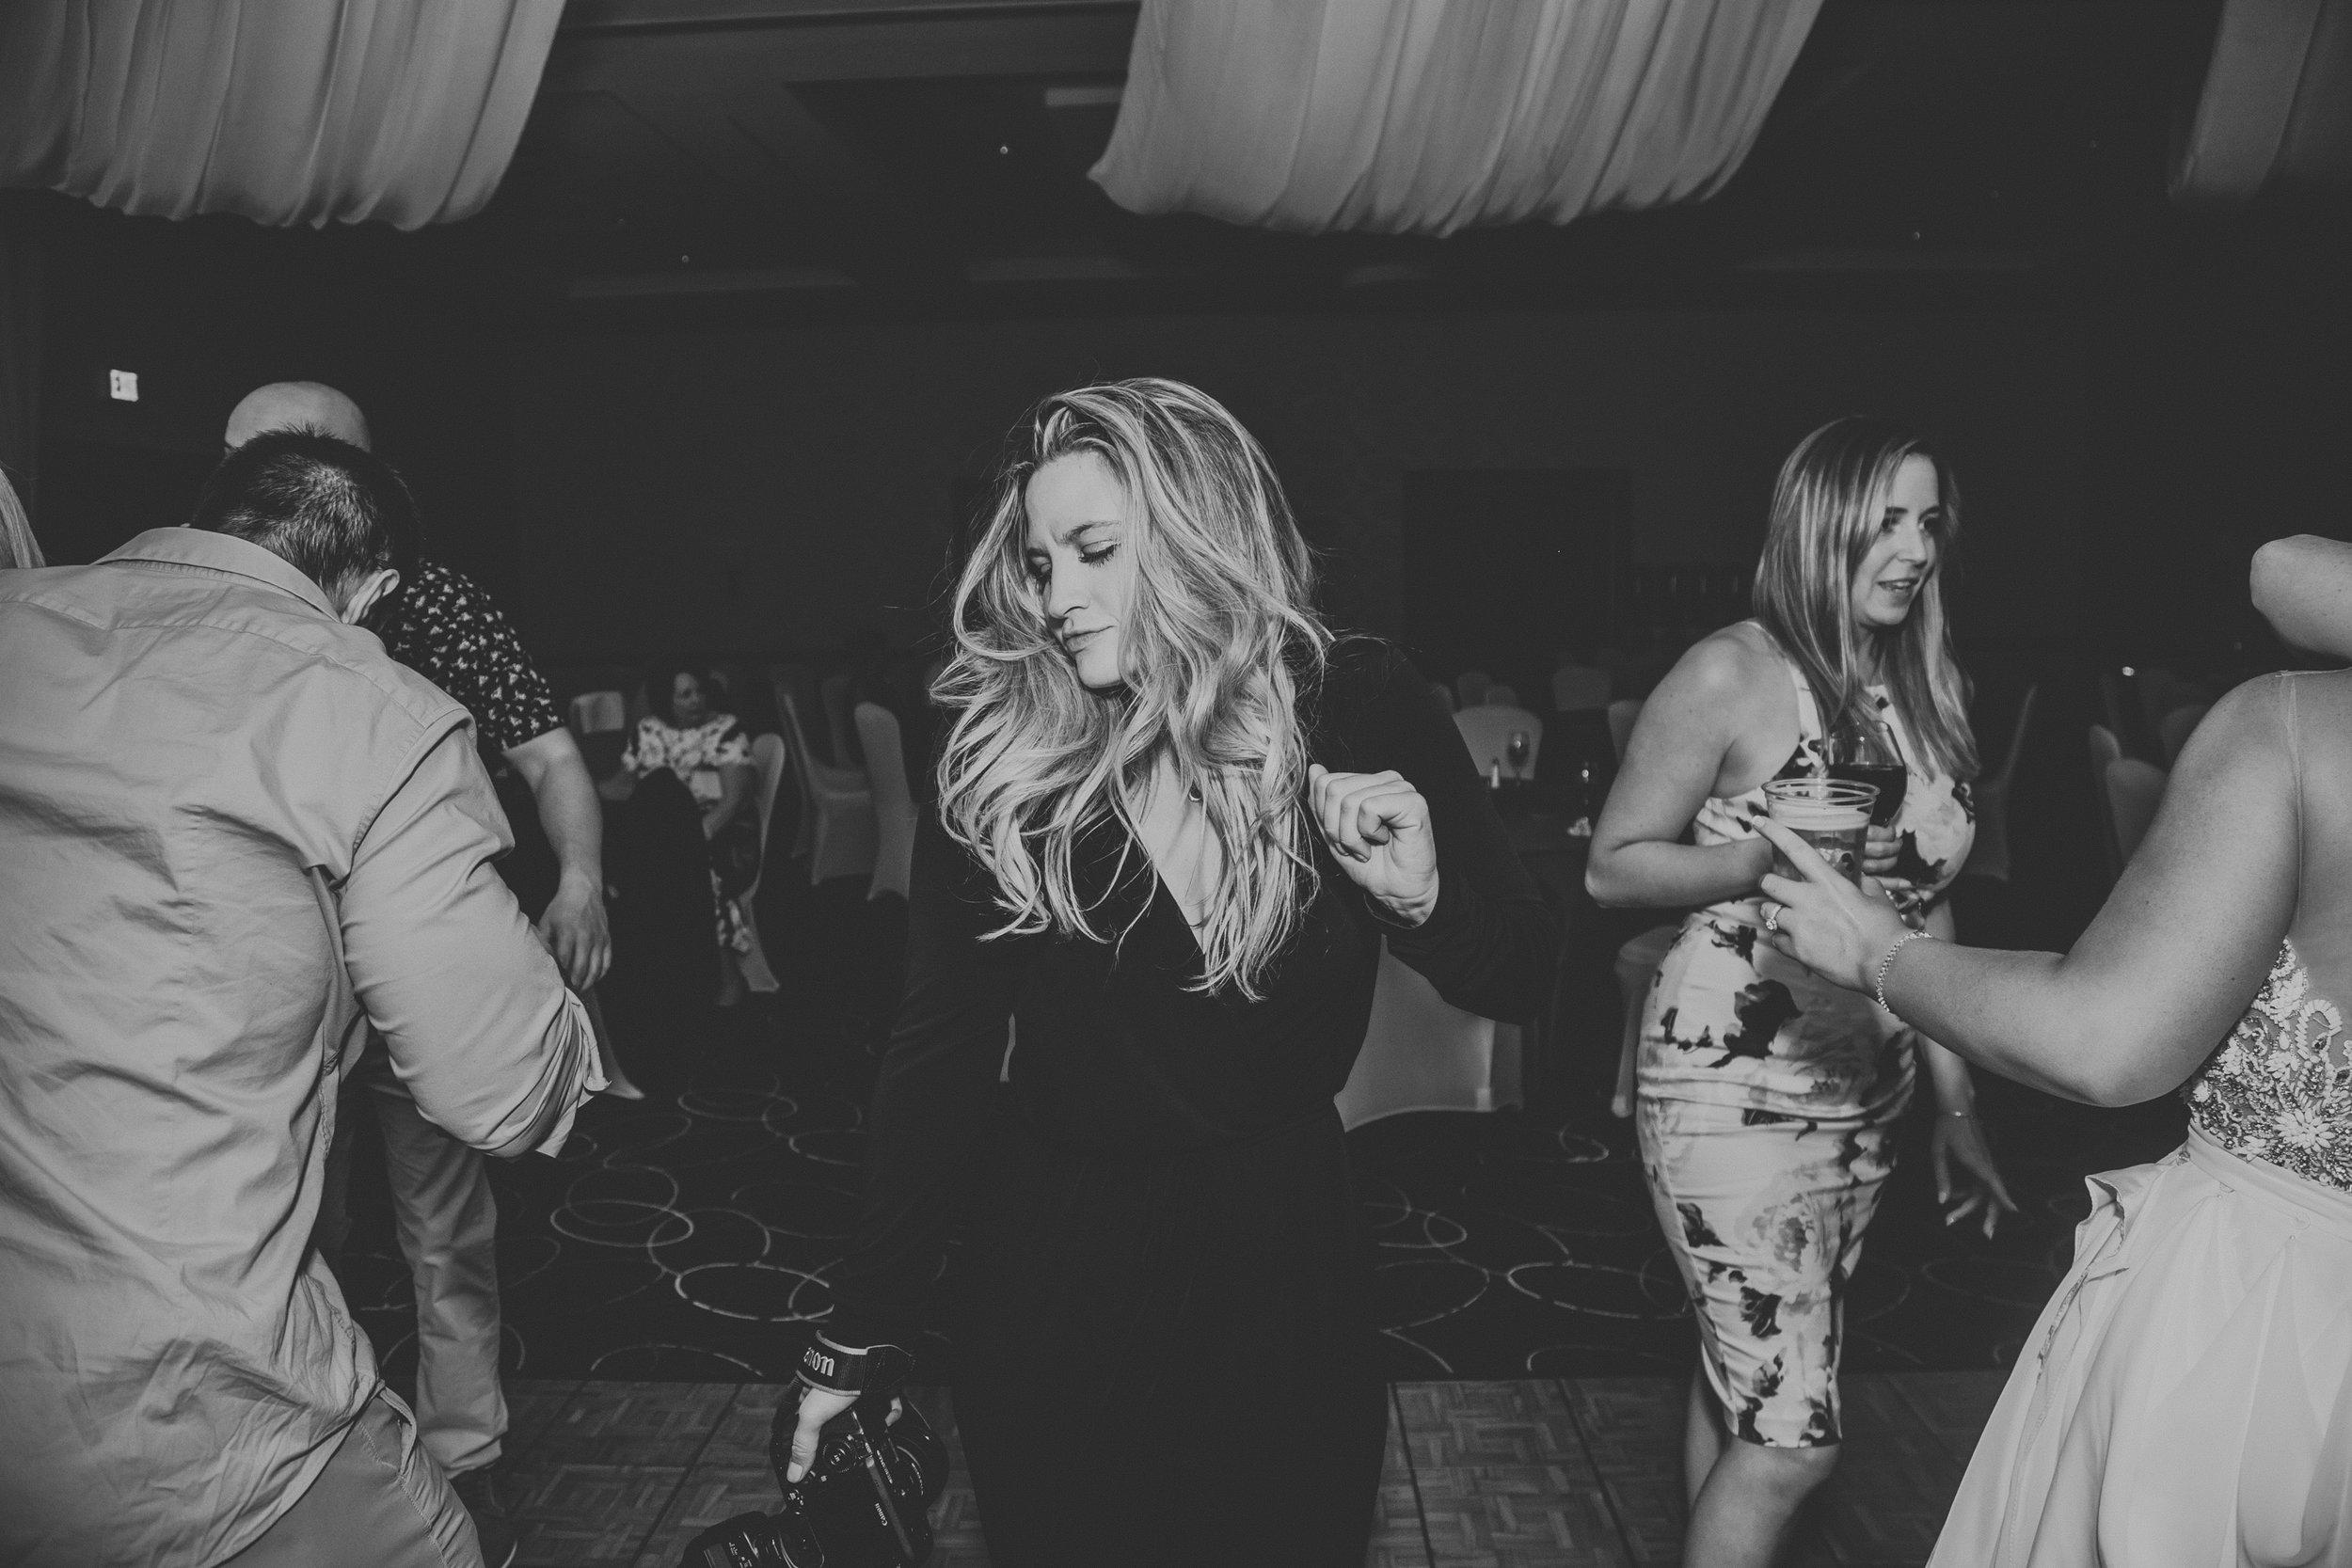 me_wedding_dancing-1.jpg